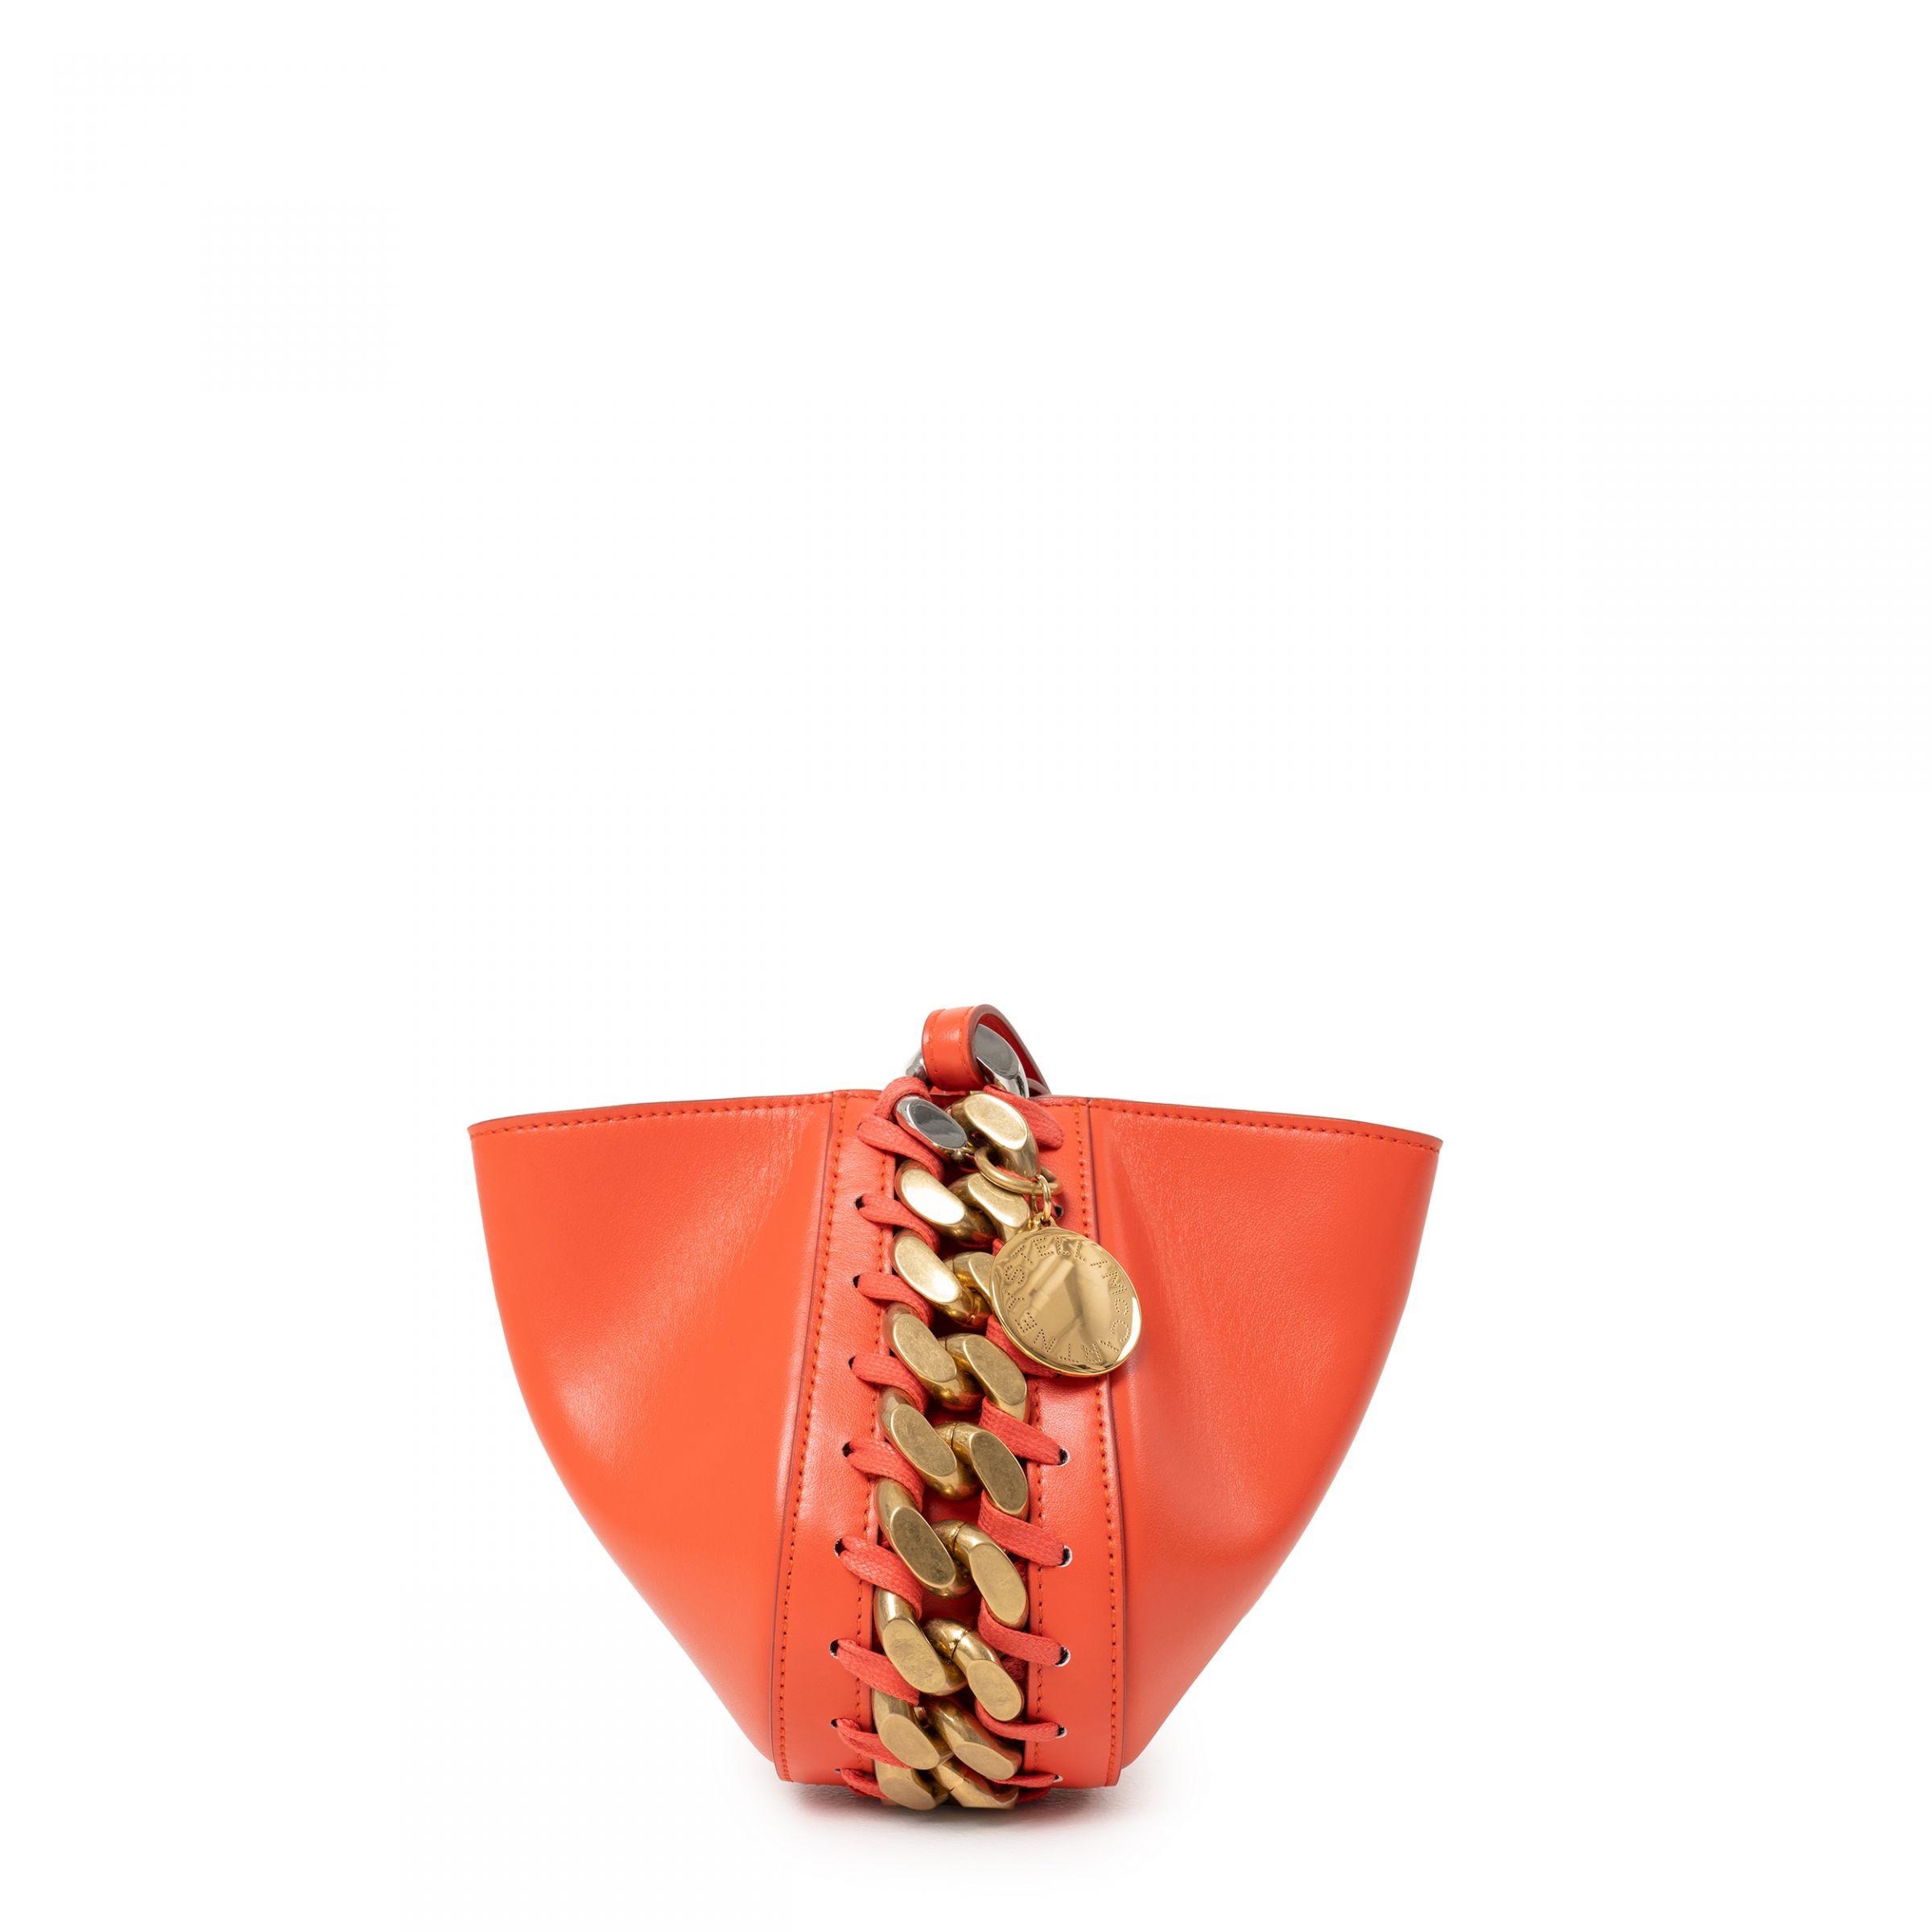 Клатч Stella McCartney Frayme  оранжевый